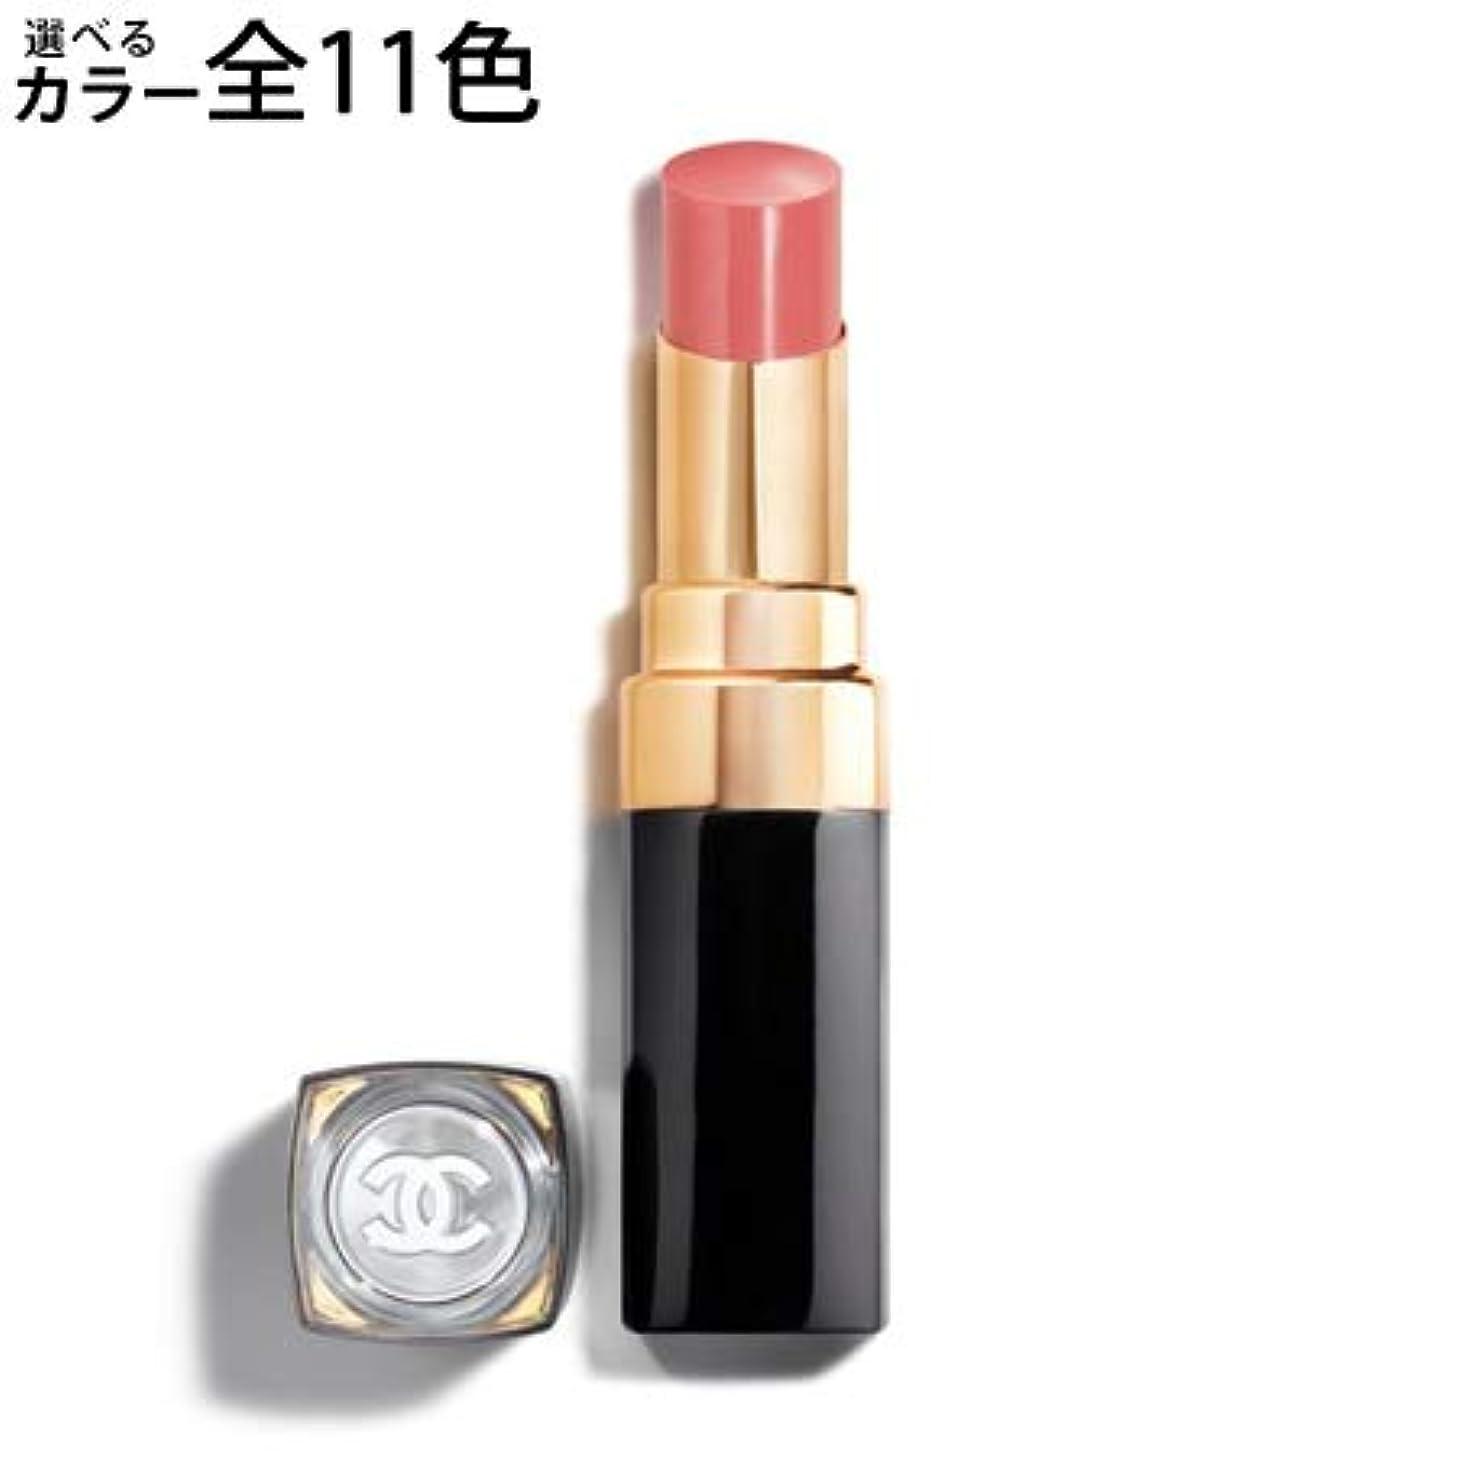 本土慰め妊娠したシャネル ルージュ ココ フラッシュ 選べる11色 -CHANEL- 82ライヴ